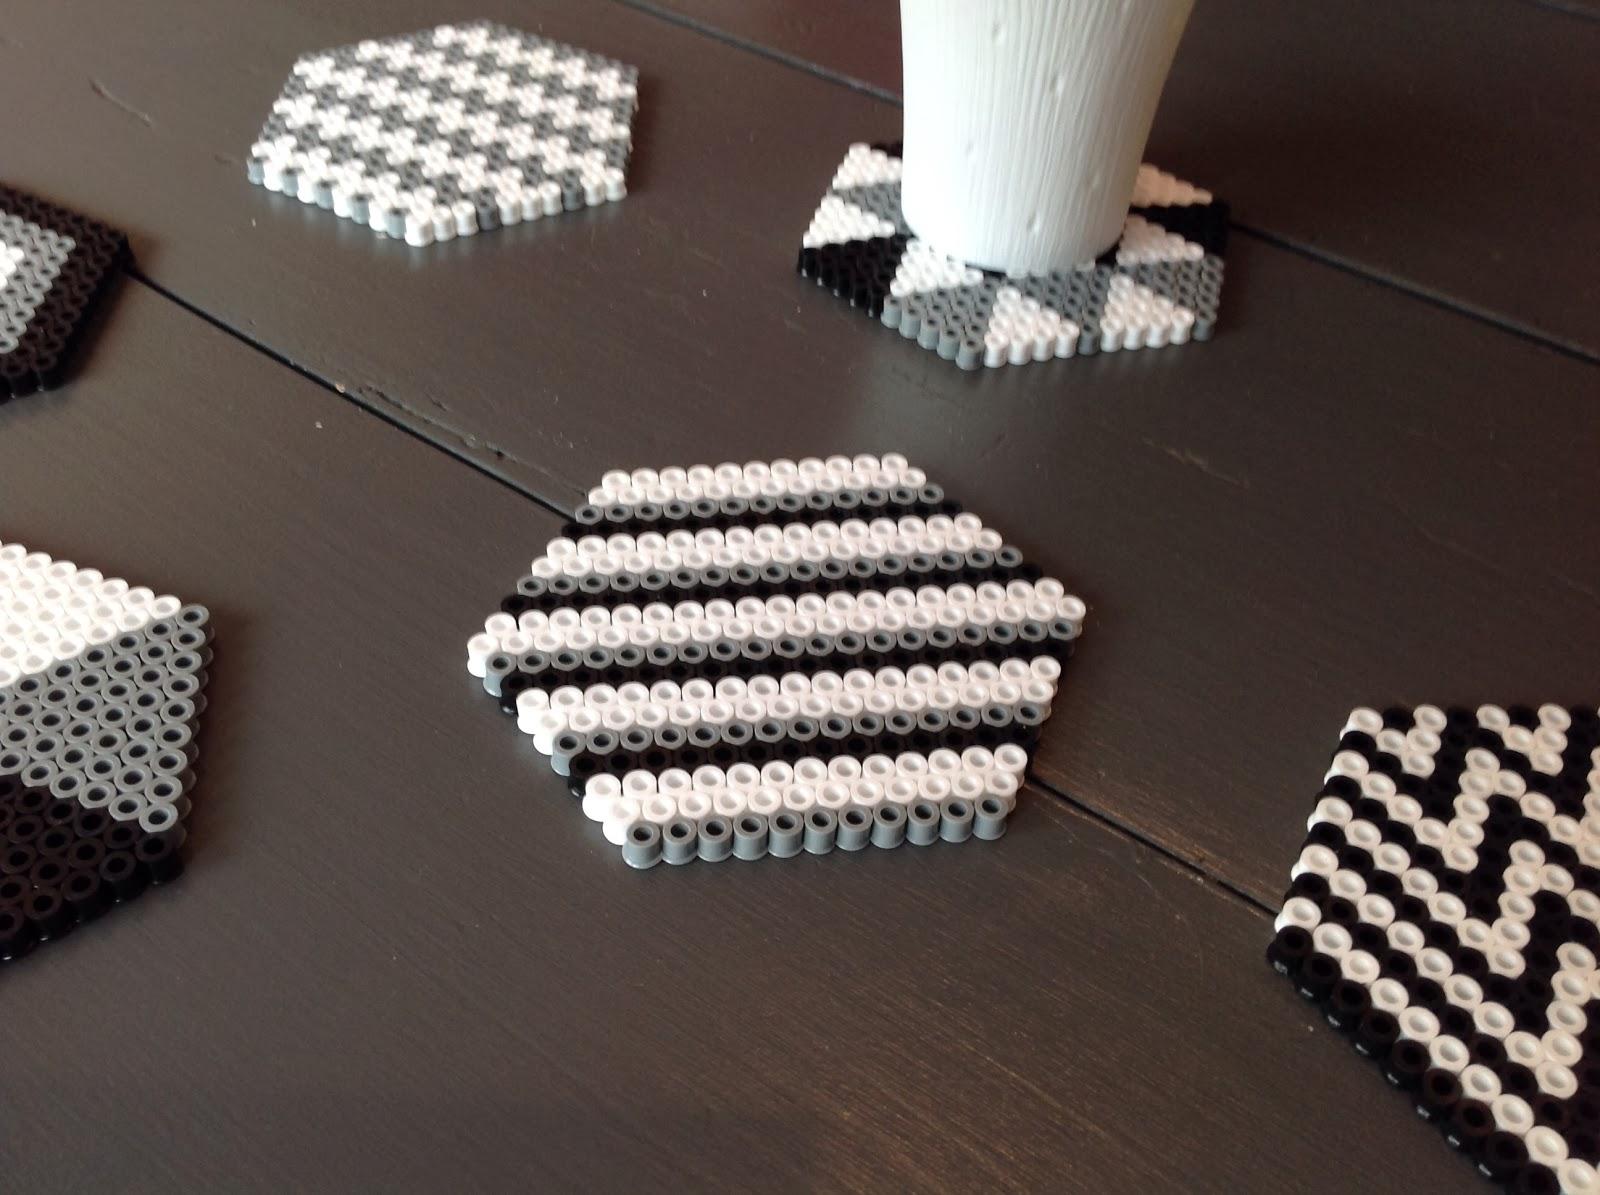 Dessous de verres diy perles hama parenth se cr ative - Fabriquer dessous de verre ...